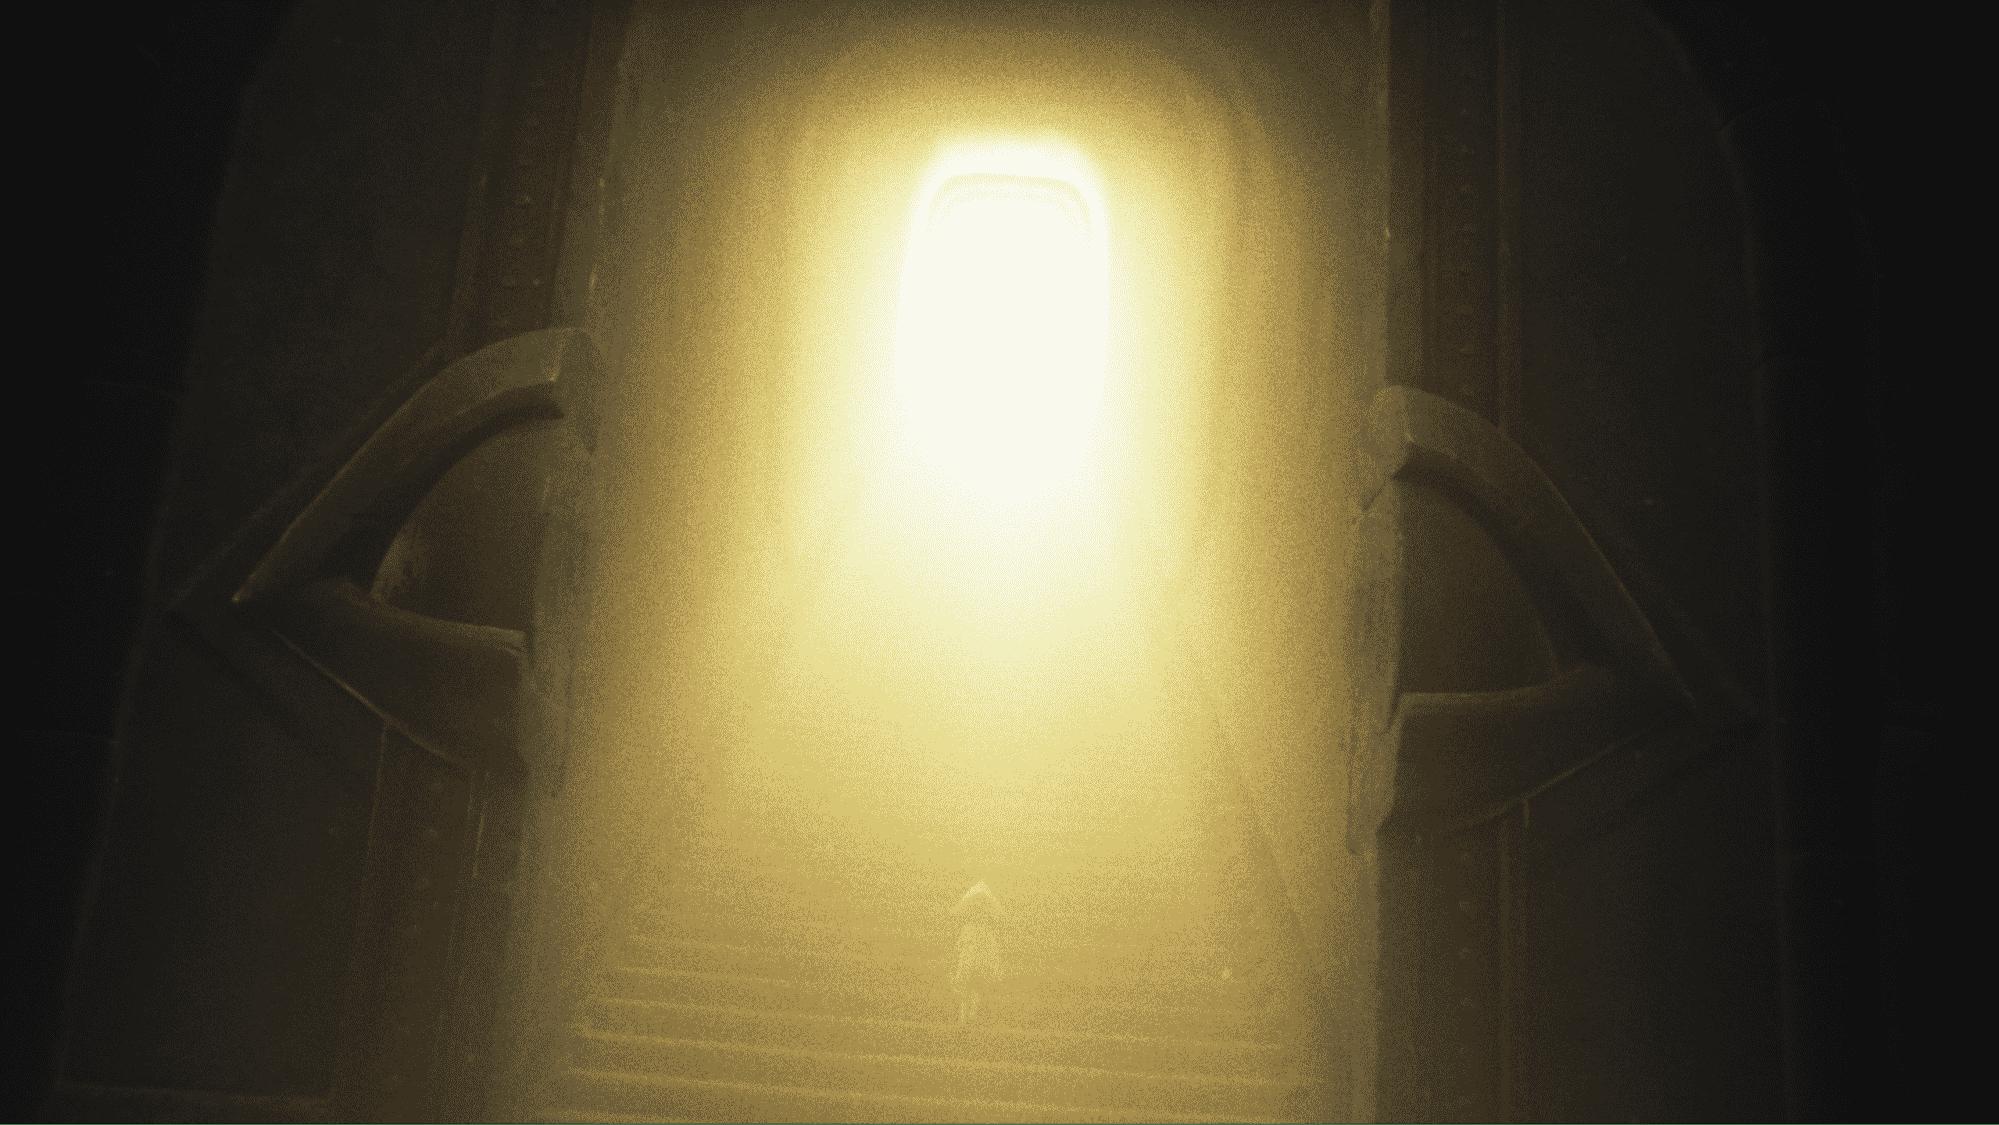 LITTLE NIGHTMARES-リトルナイトメア